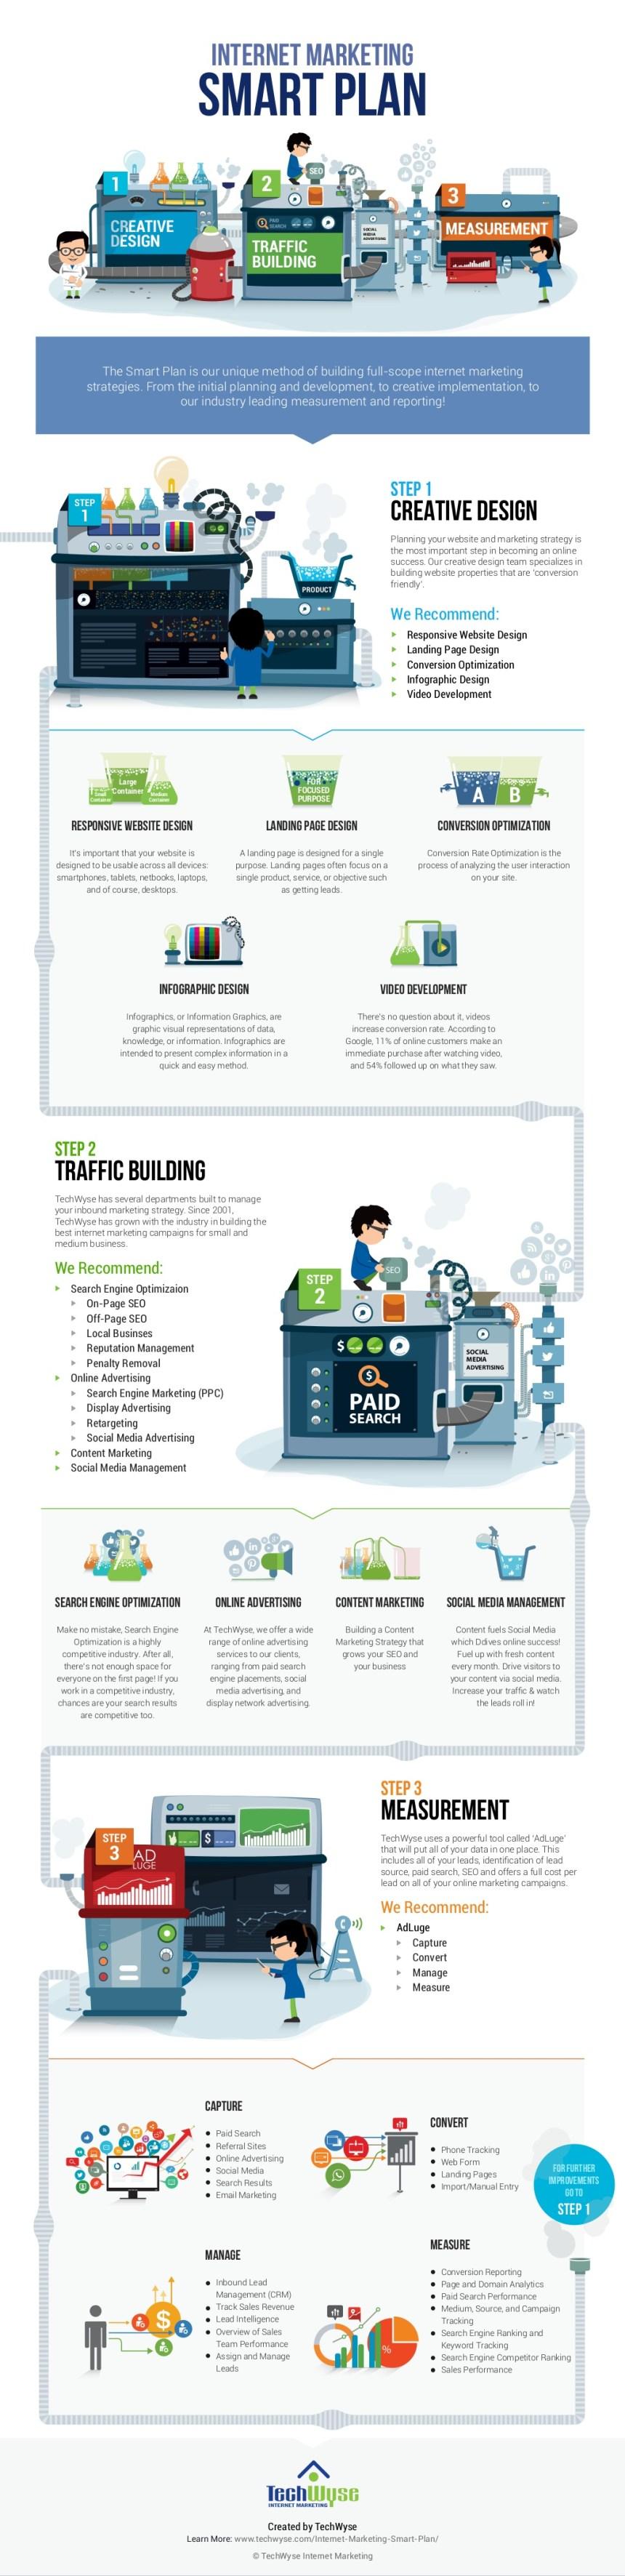 Cómo hacer un Plan de marketing en Internet SMART